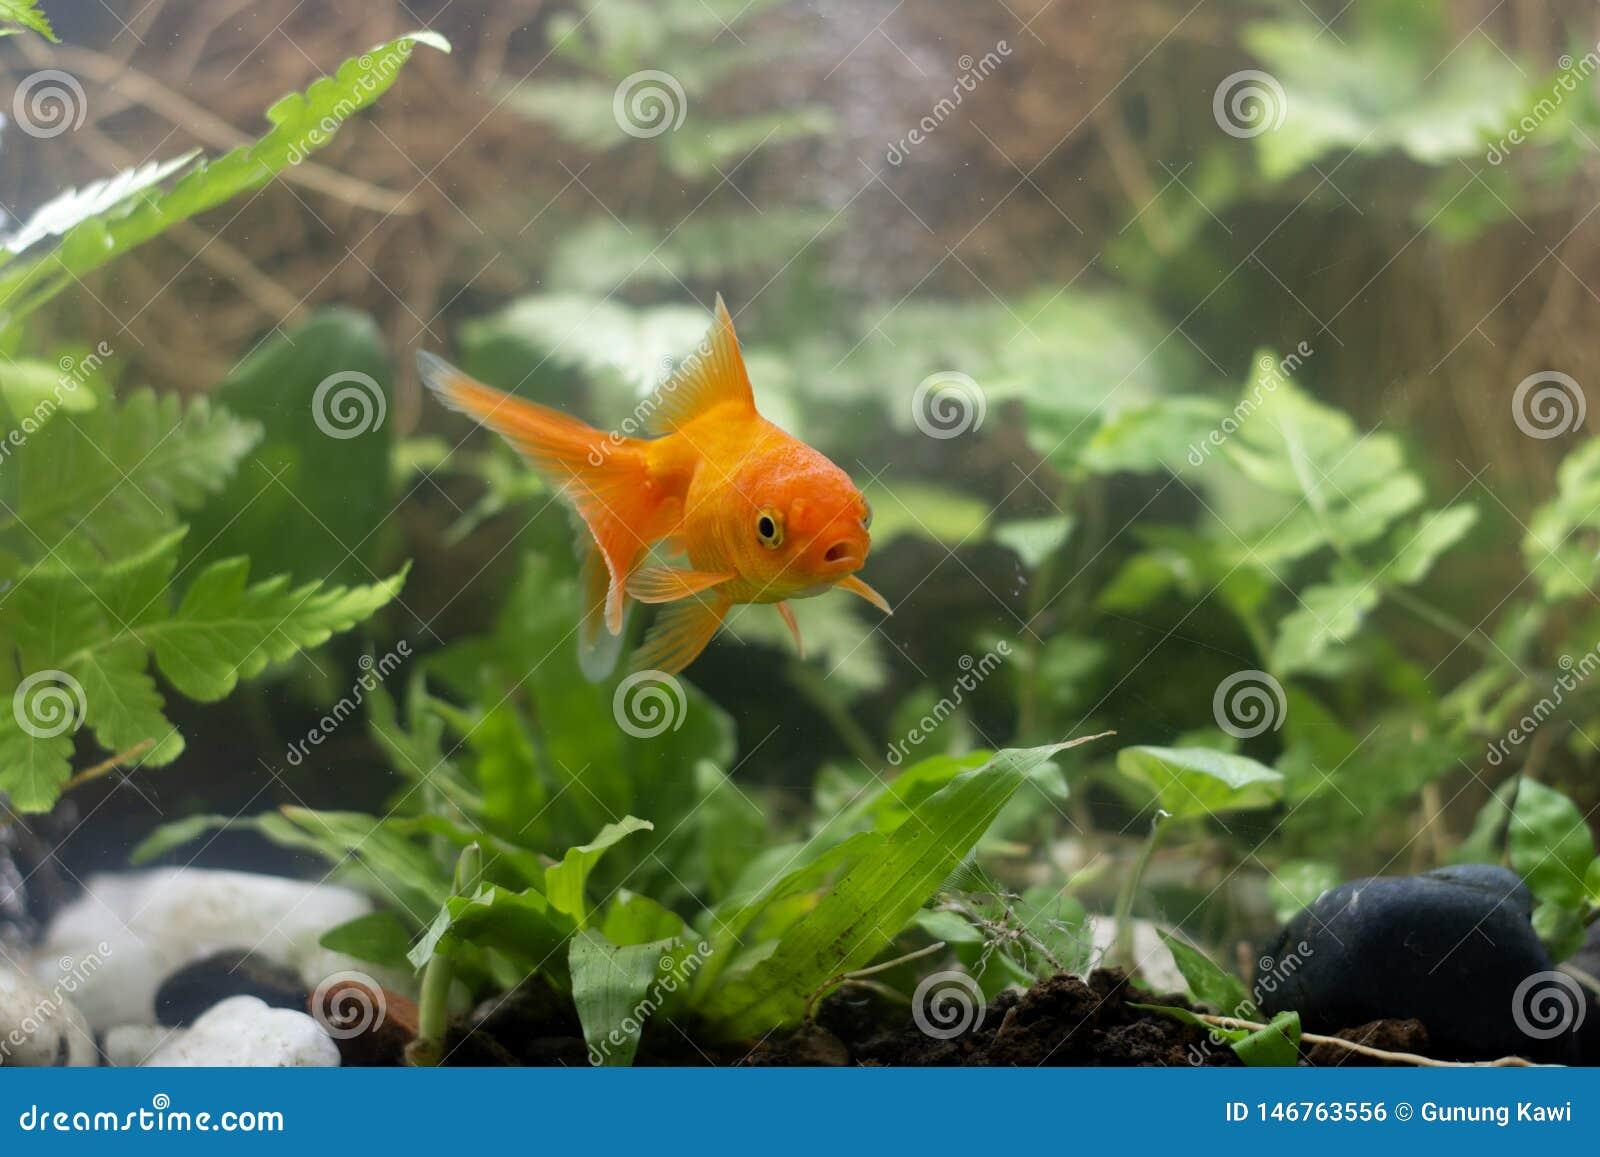 Carassius auratus Goldfisch hinter einer Wasserpflanze